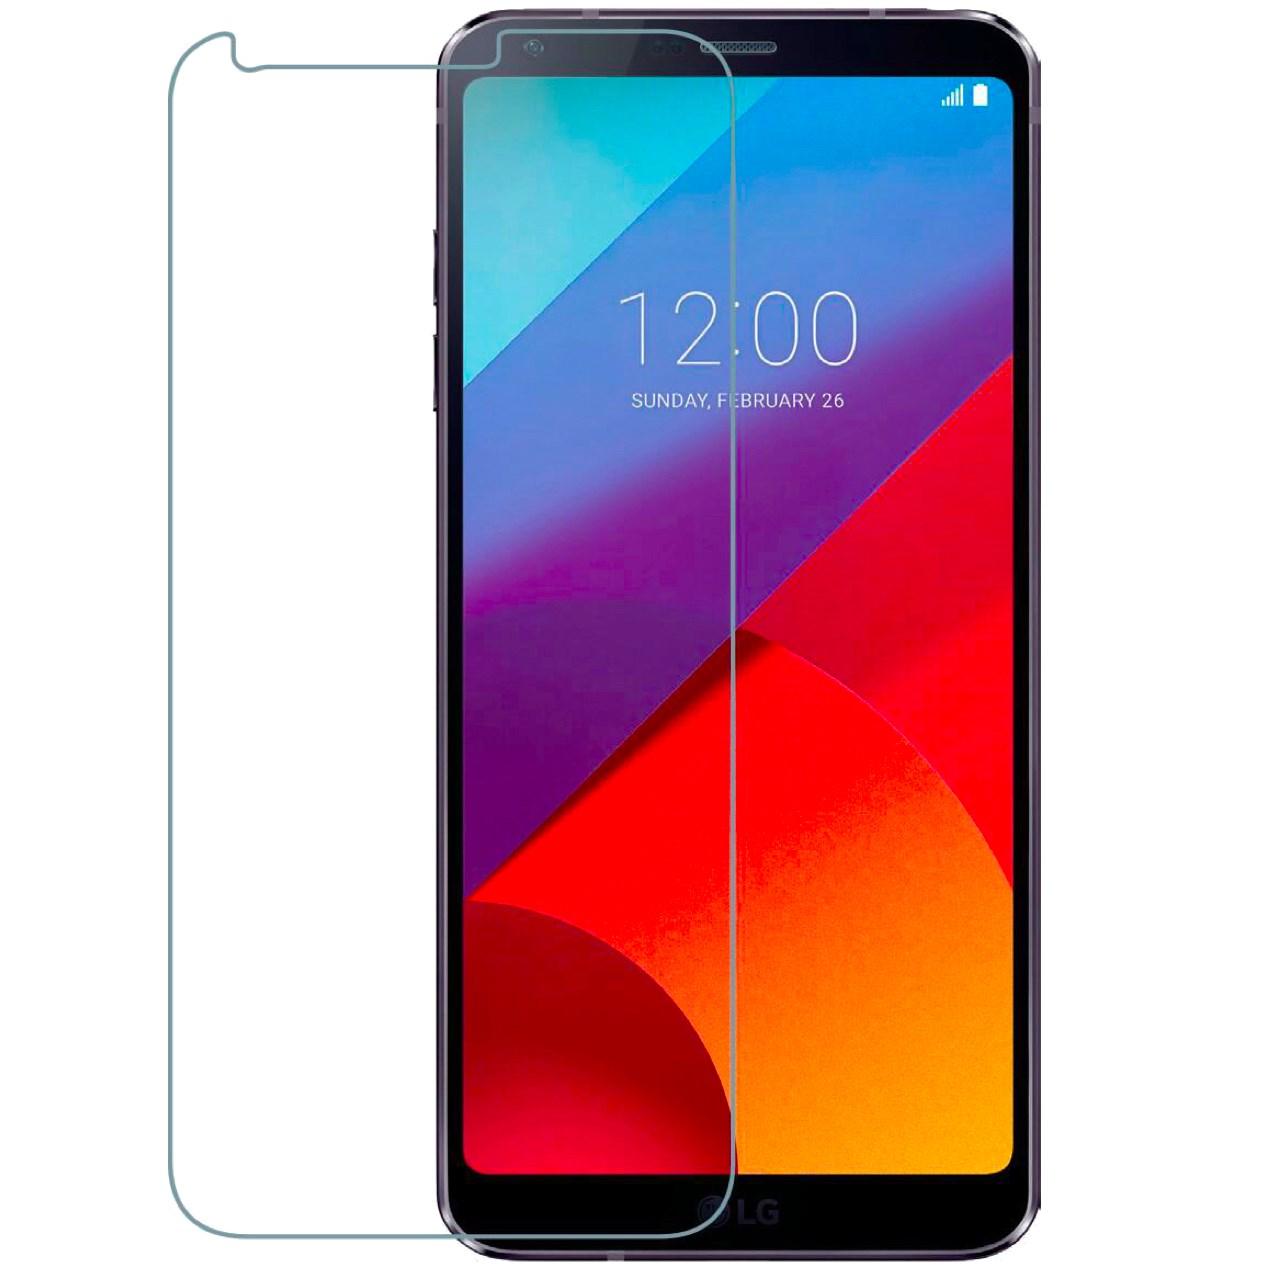 محافظ صفحه نمایش شیشه ای تمپرد هوکار مناسب برای LG Q6